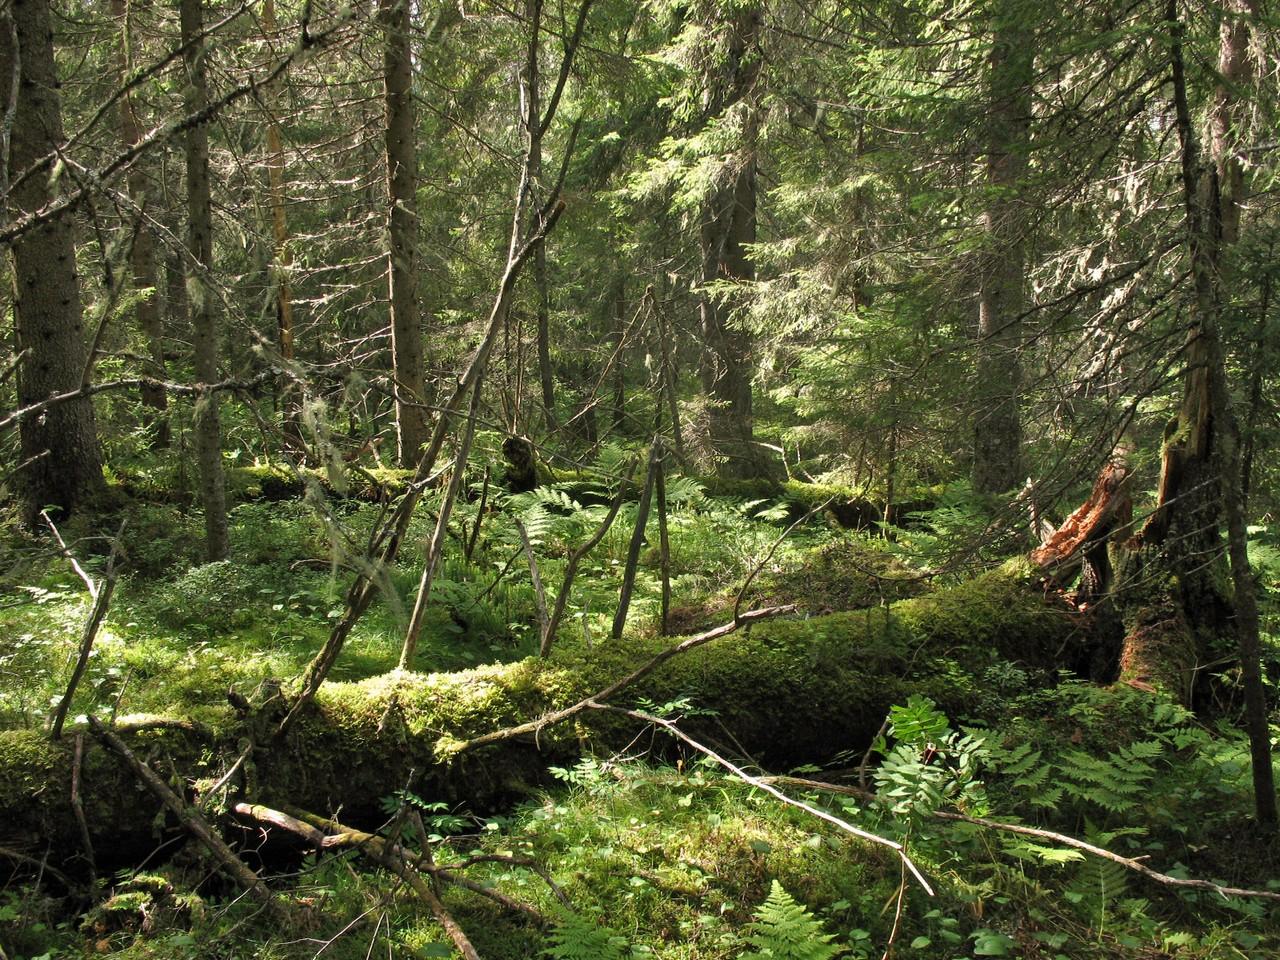 Bildresultat för bild naturskog